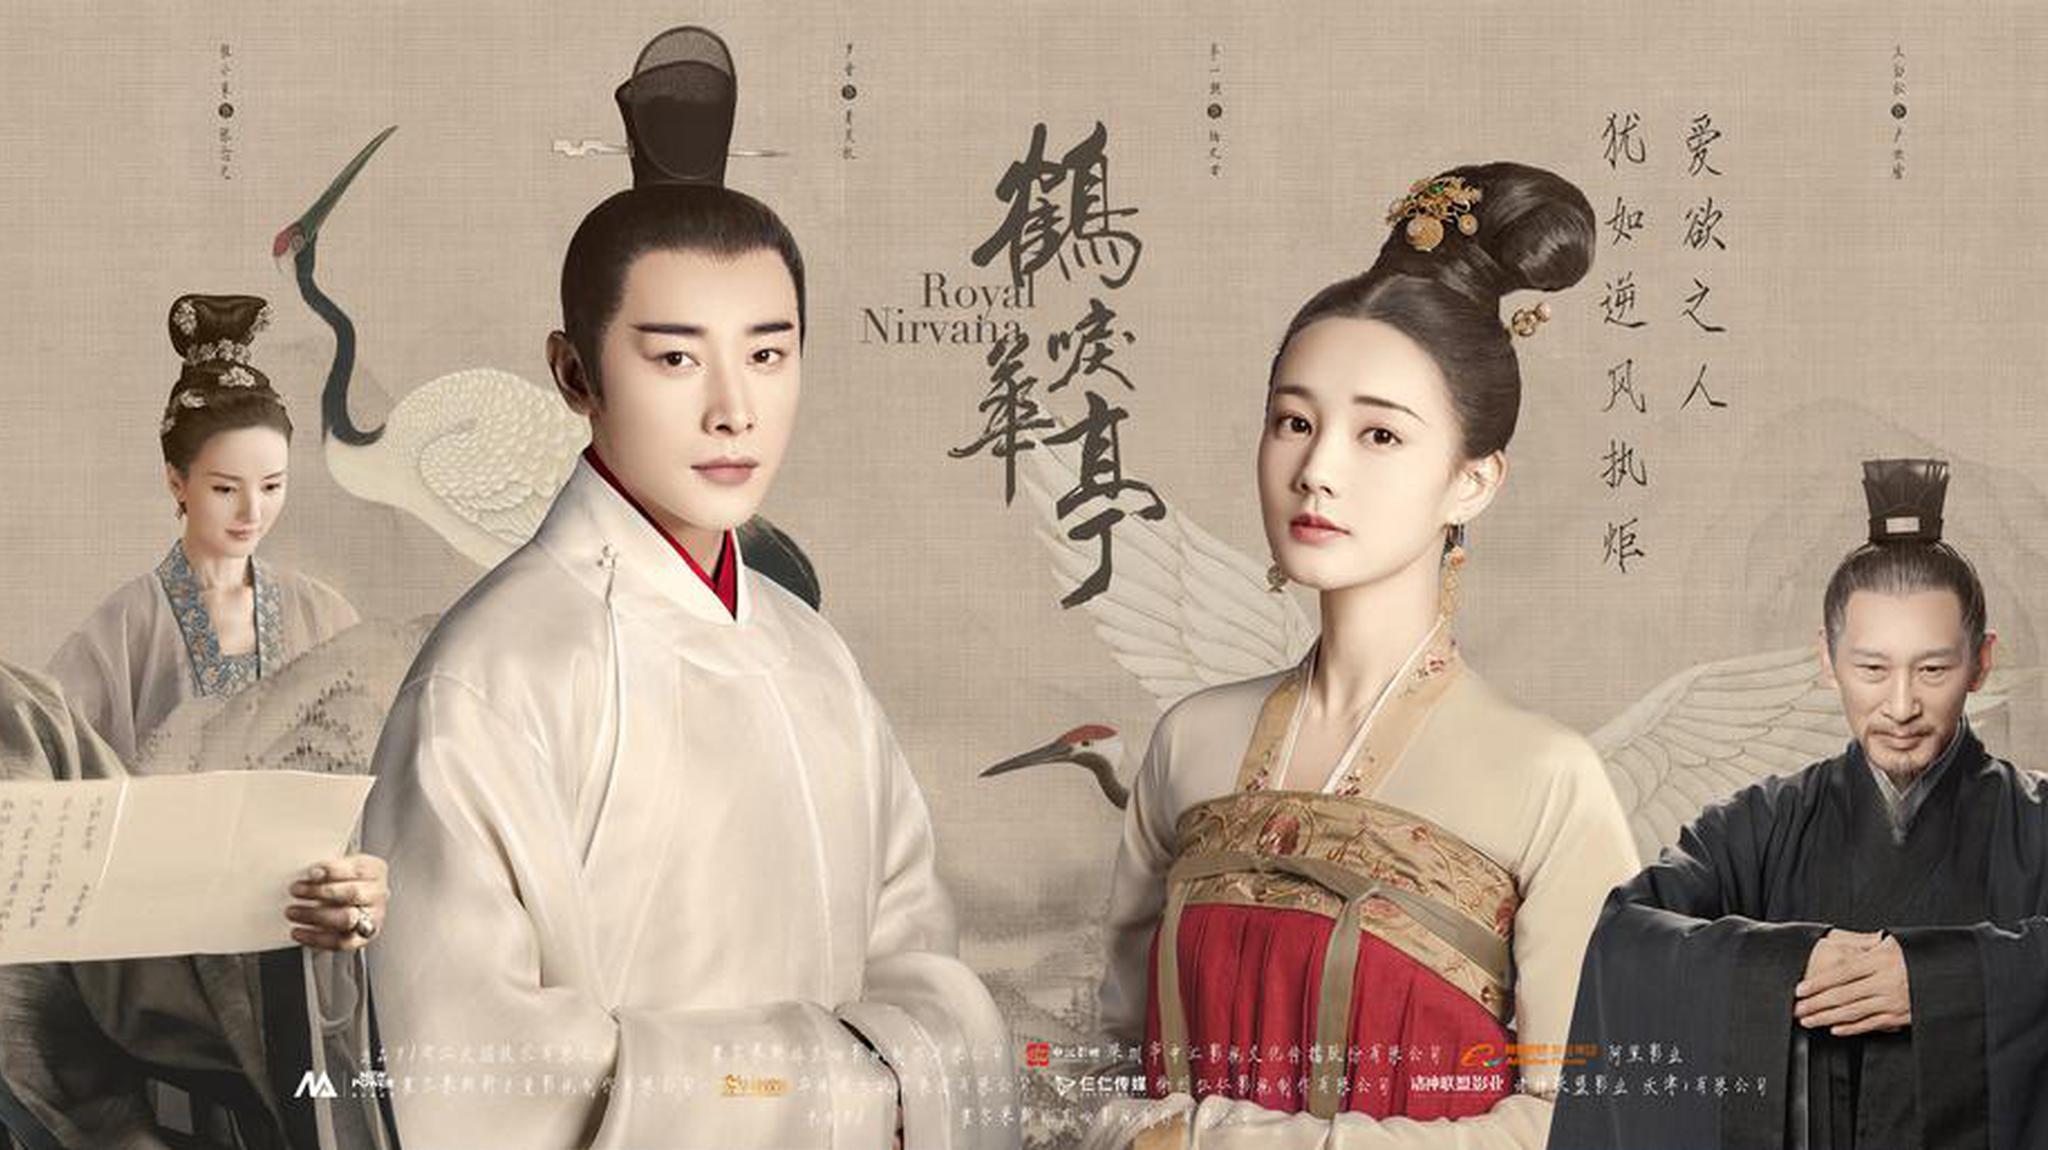 《鶴唳華亭》官宣曝先導預告 羅晉李一桐領銜眾戲骨加盟